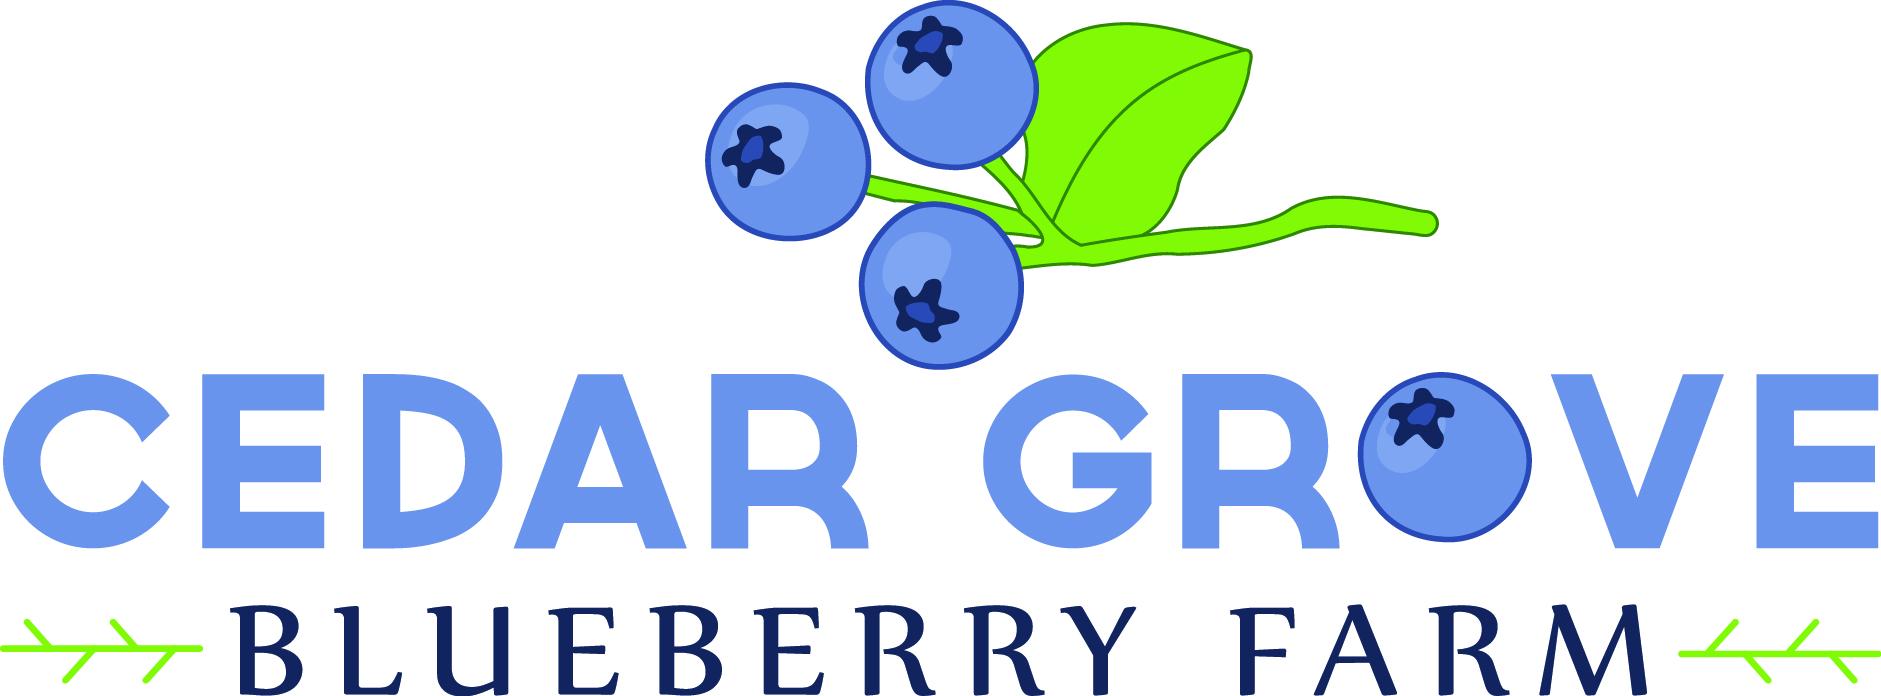 Cedar Grove Blueberry Farm